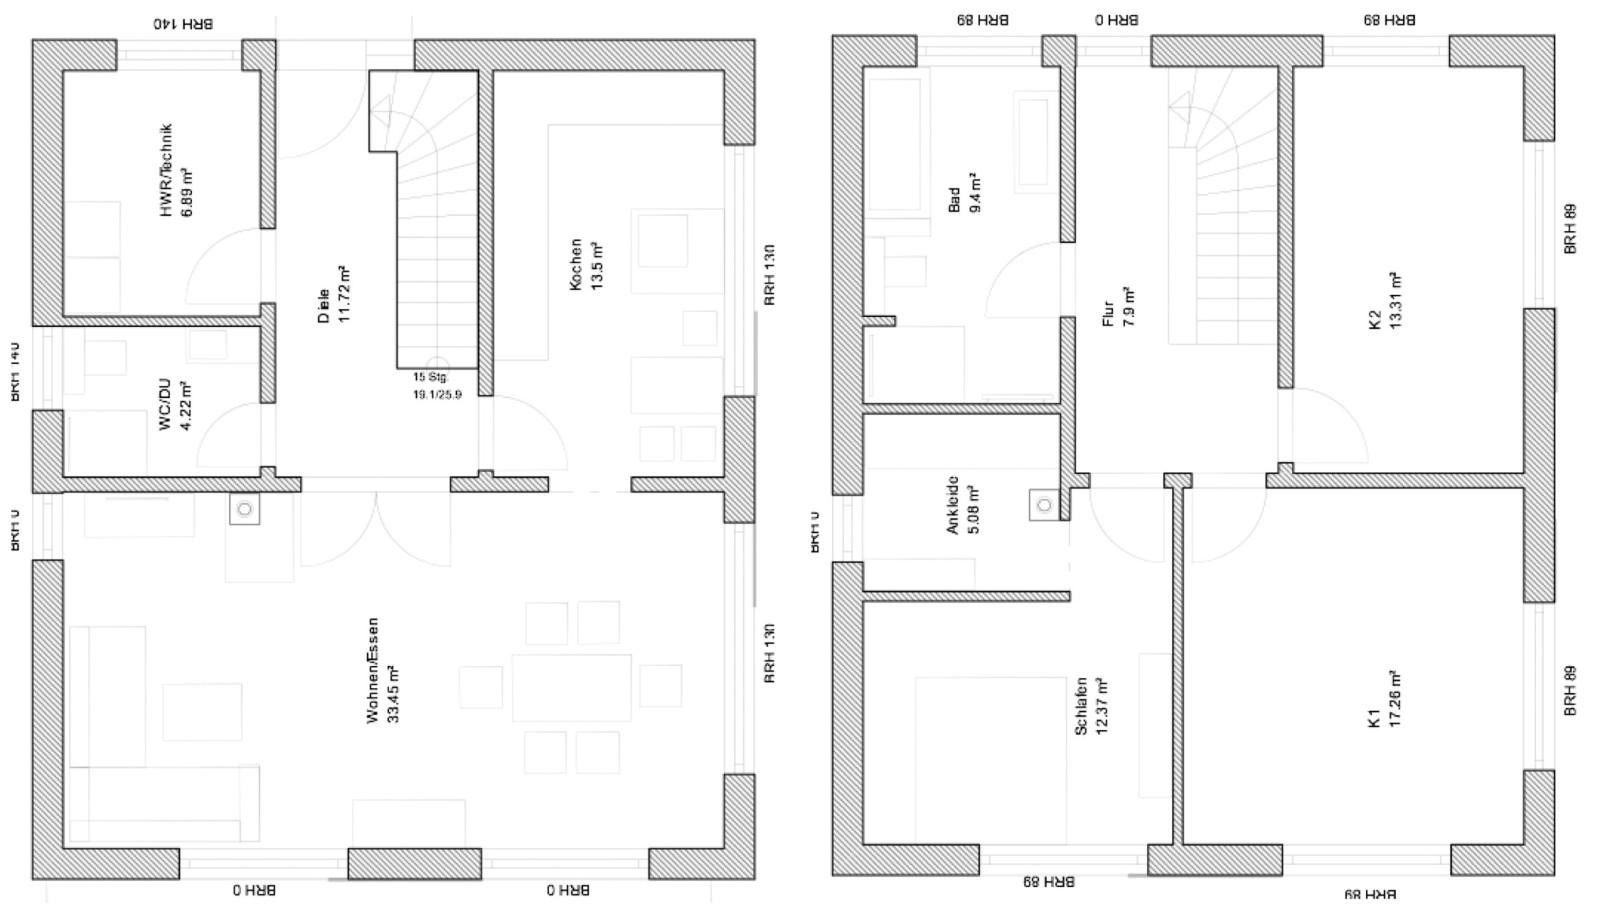 Grundriss stadtvilla 140 qm  Stadtvilla Daniela-Greussen ca. 136 m² - MHV Baupartner Massivhaus